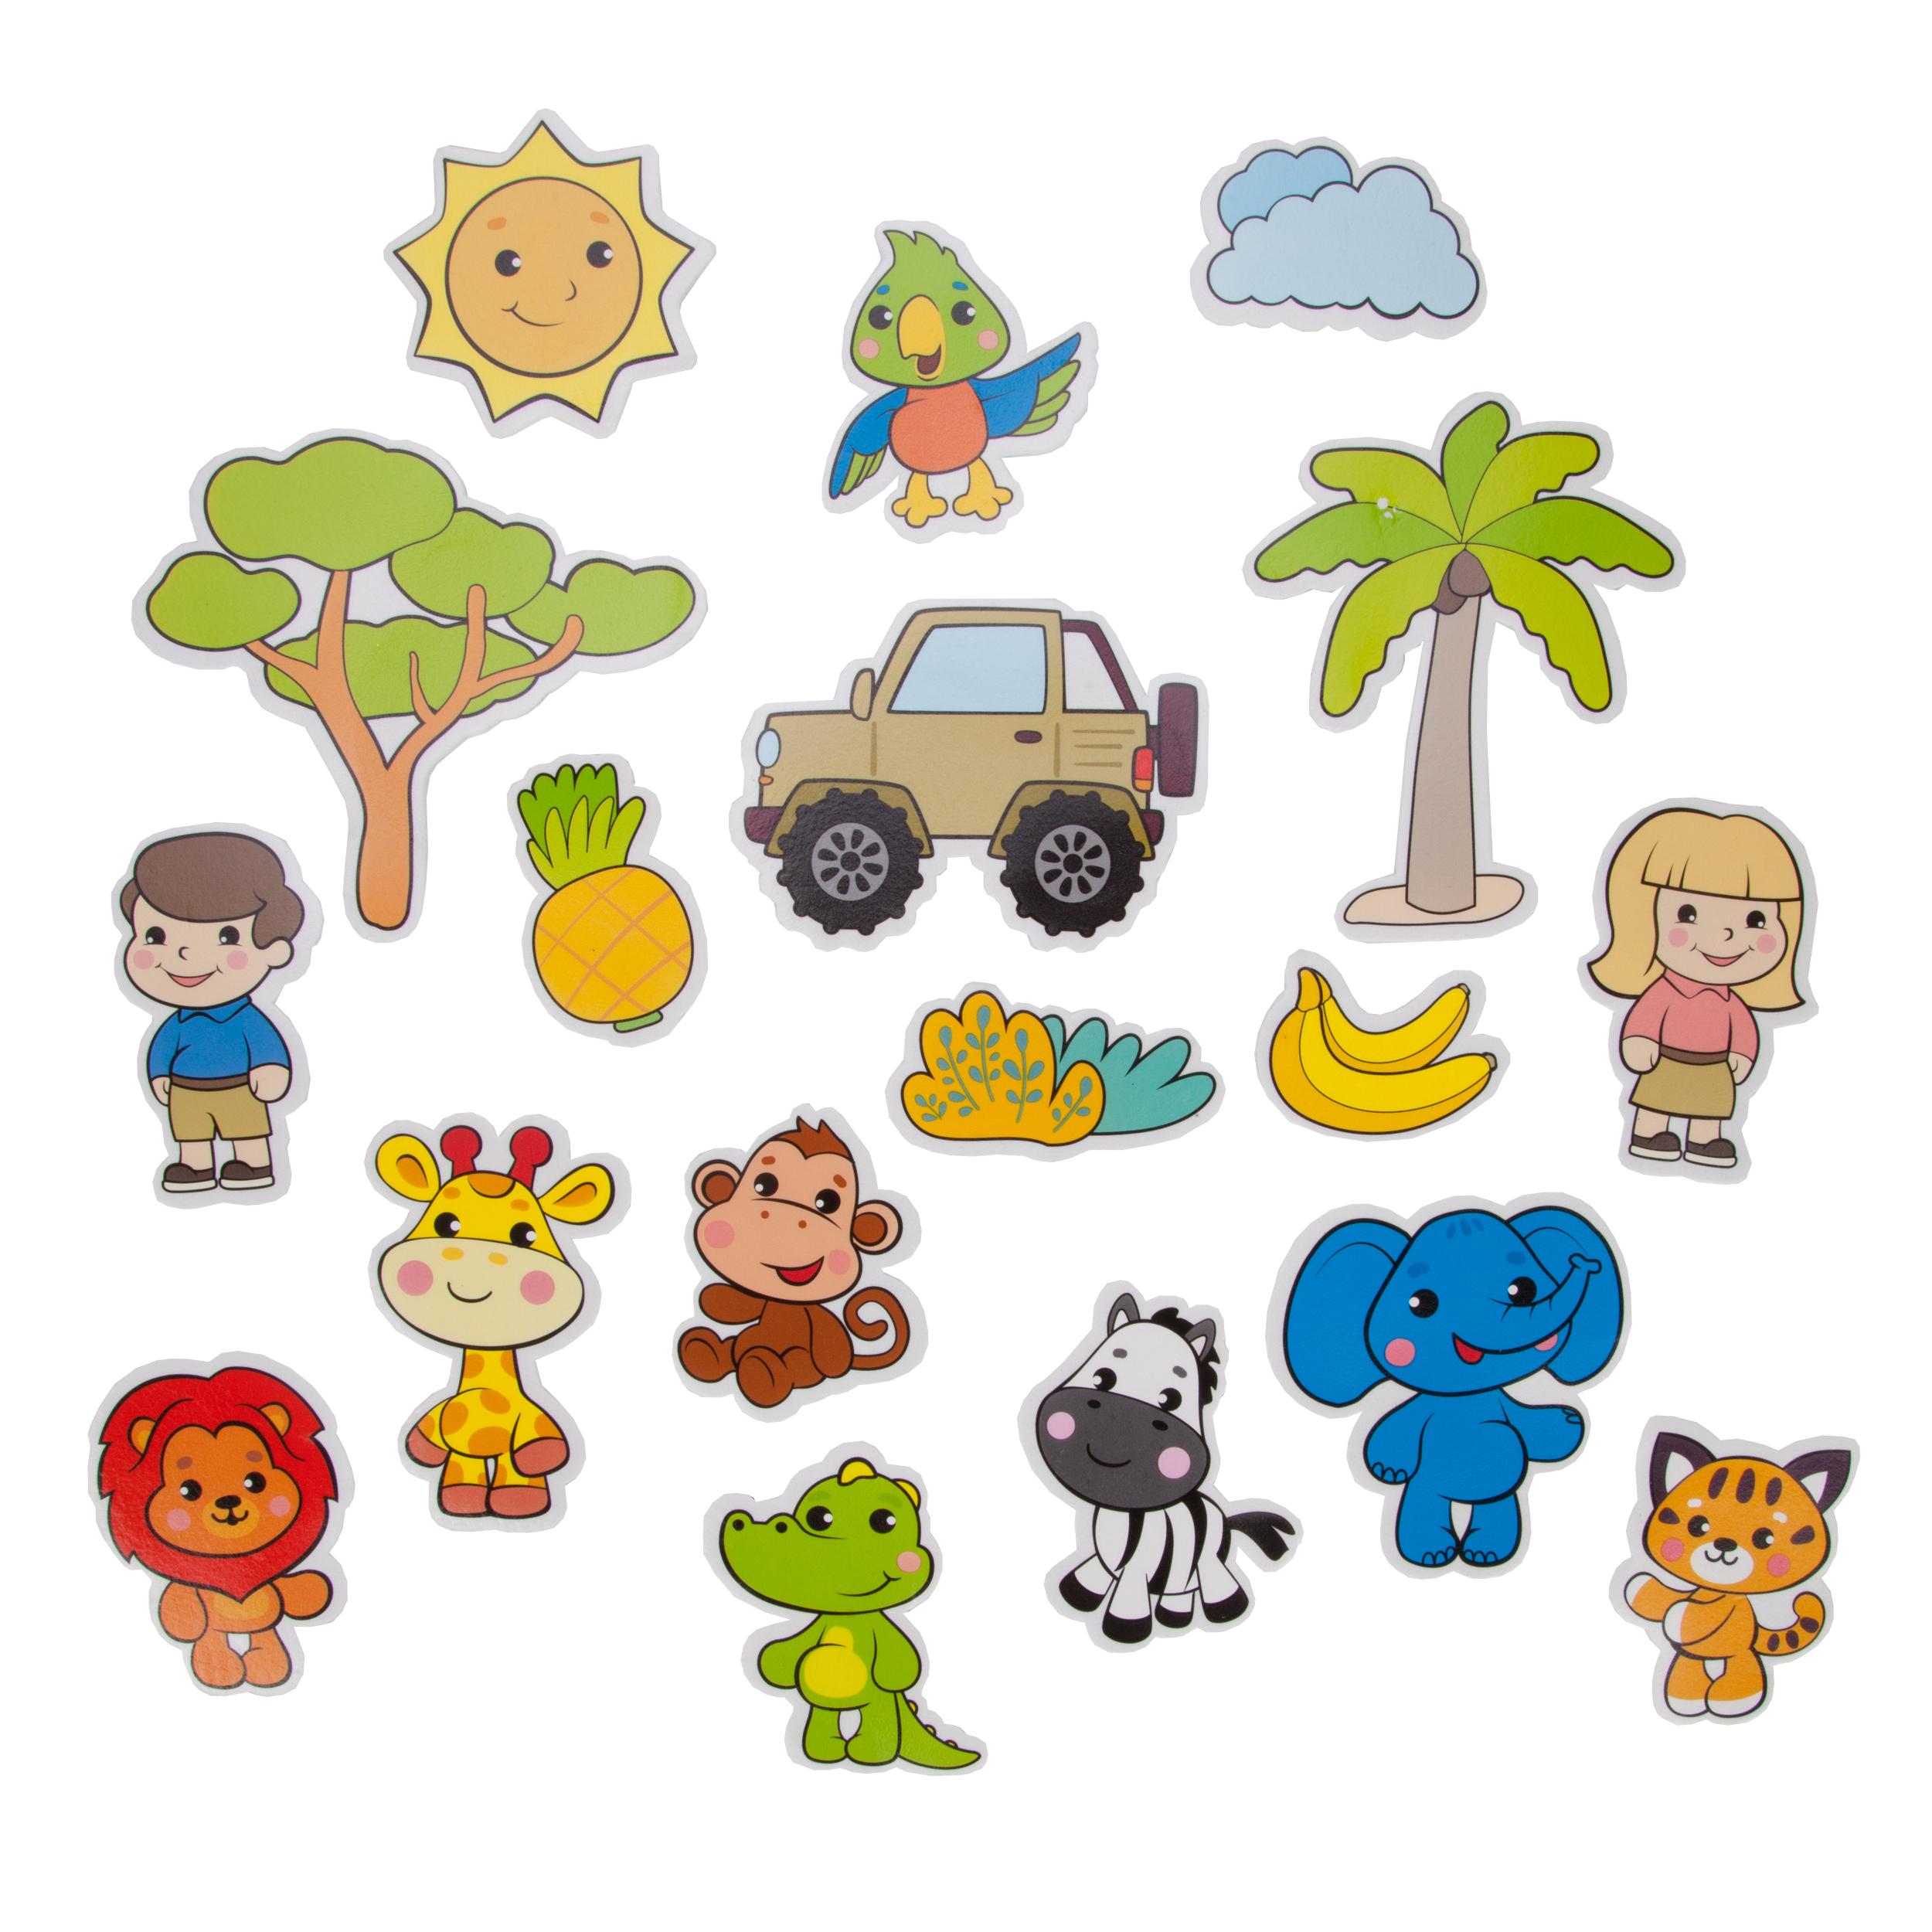 Купить Игрушки для ванны, Набор стикеров для купания Жирафики «Сафари», Китай, EVA